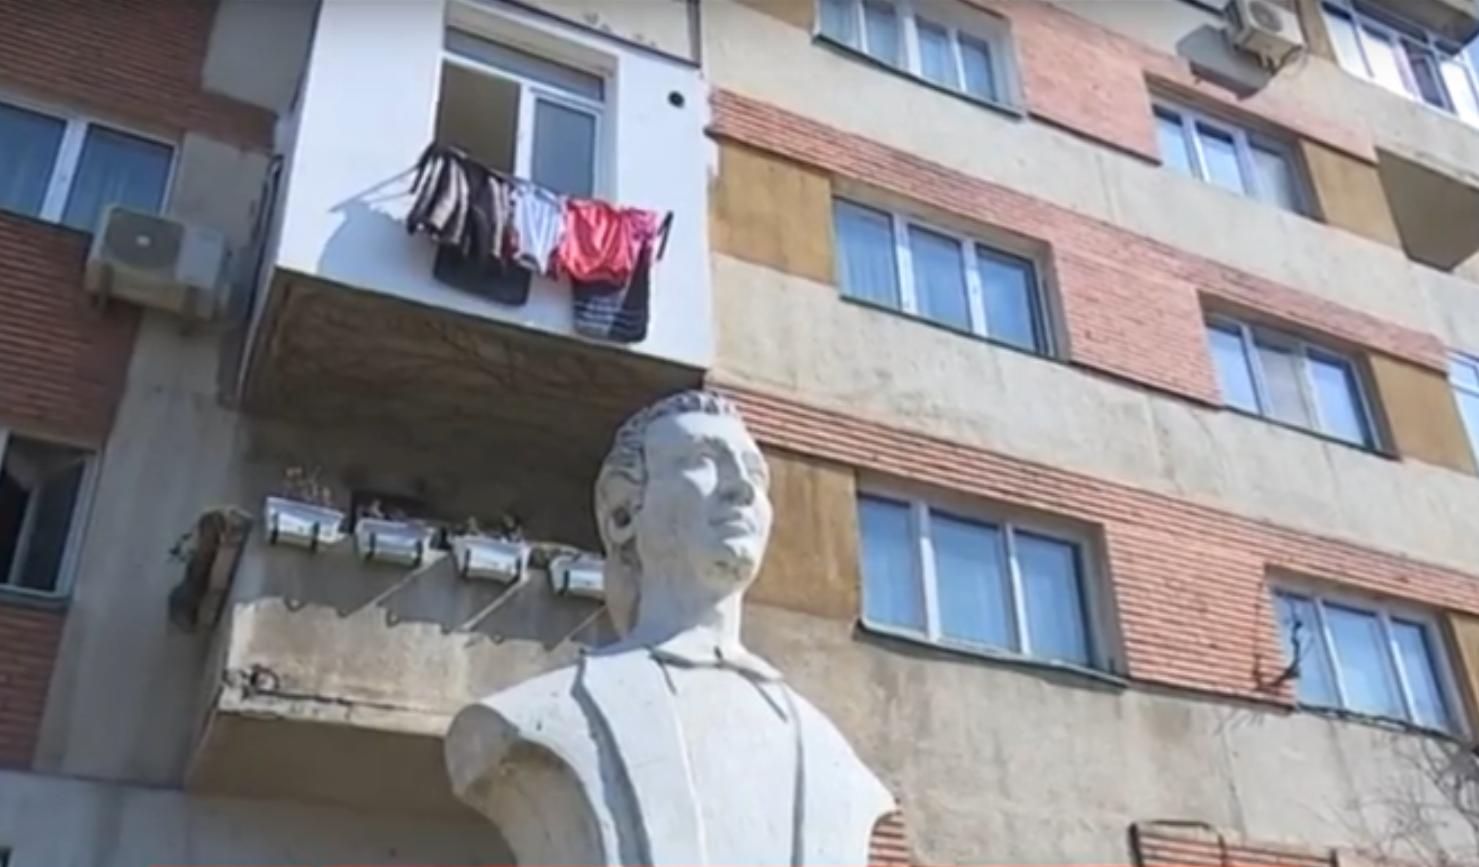 Statuie a lui Eminescu, în curtea unui bloc din Craiova. Cum a ajuns acolo